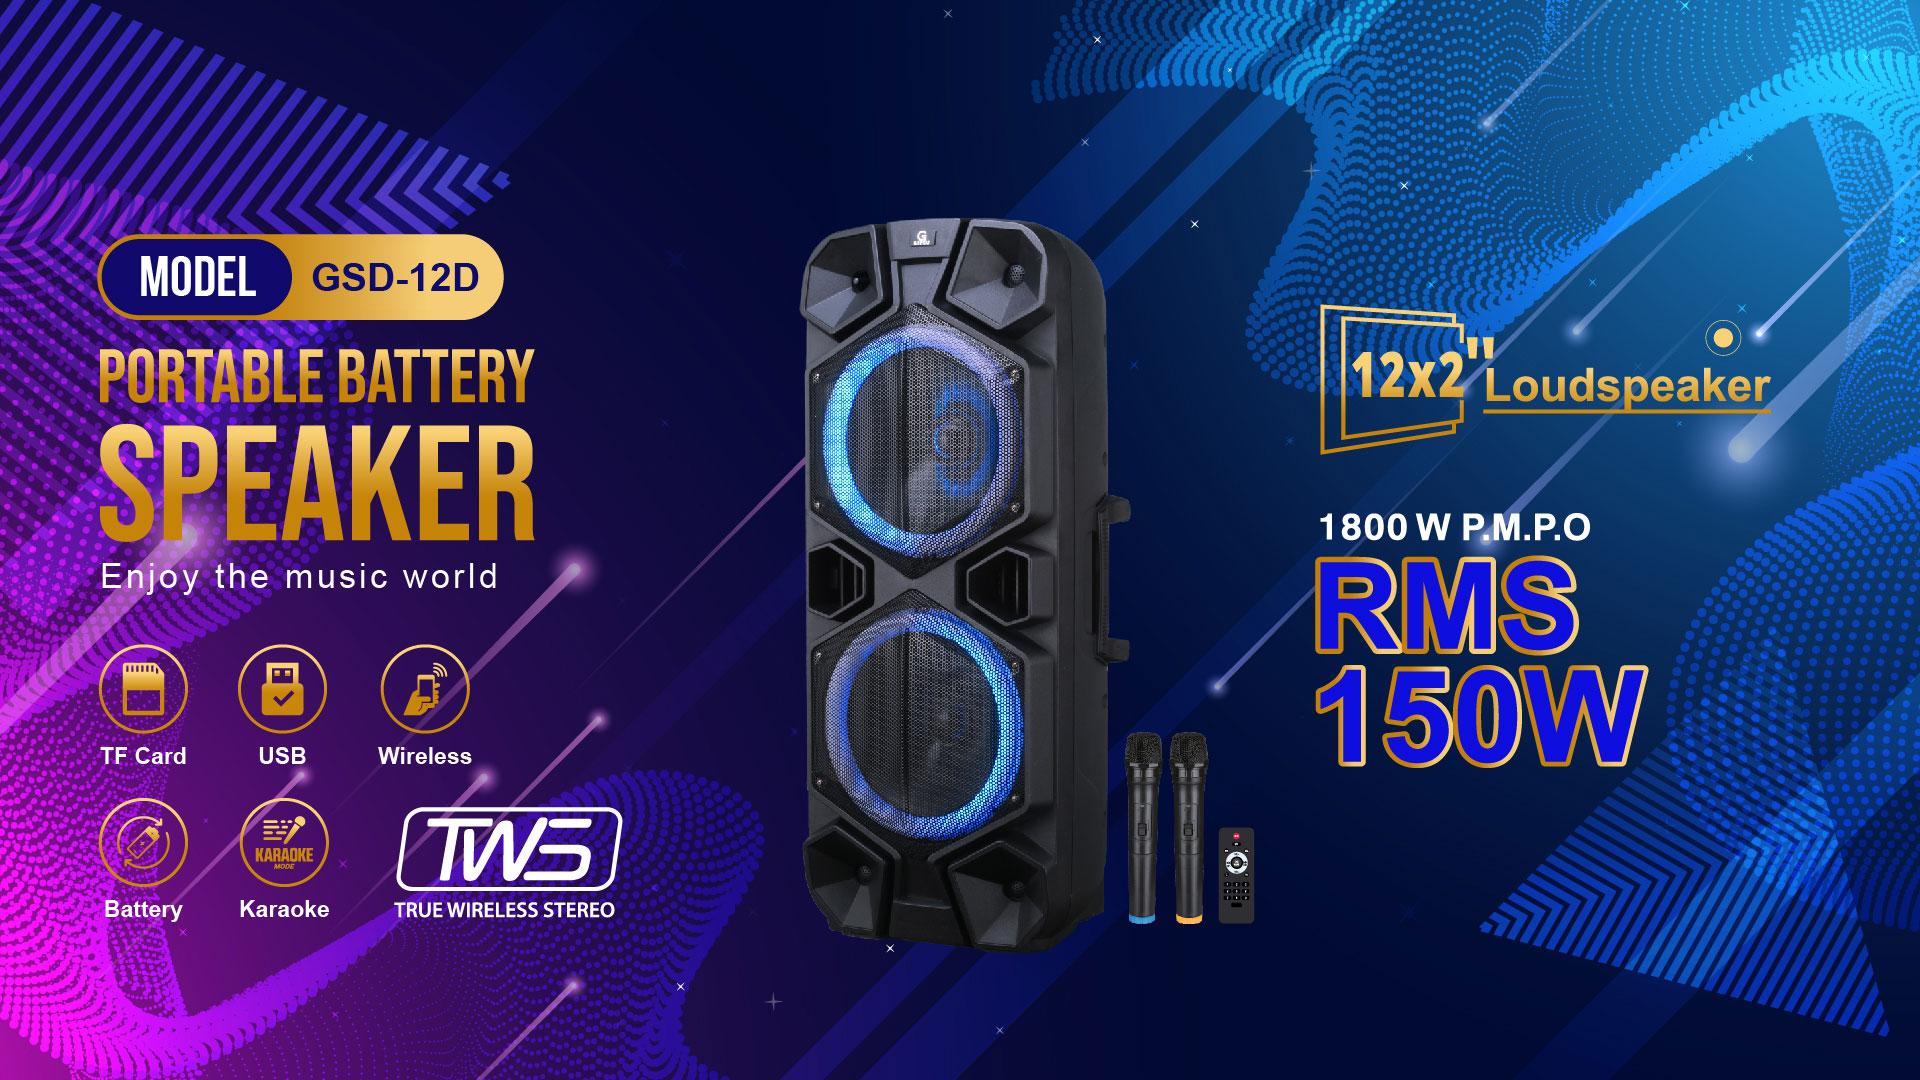 E04M03P05-20210413-G-Power-Product-Intro-Portable-Battery-Speaker-GSD-10D-Banner.jpg